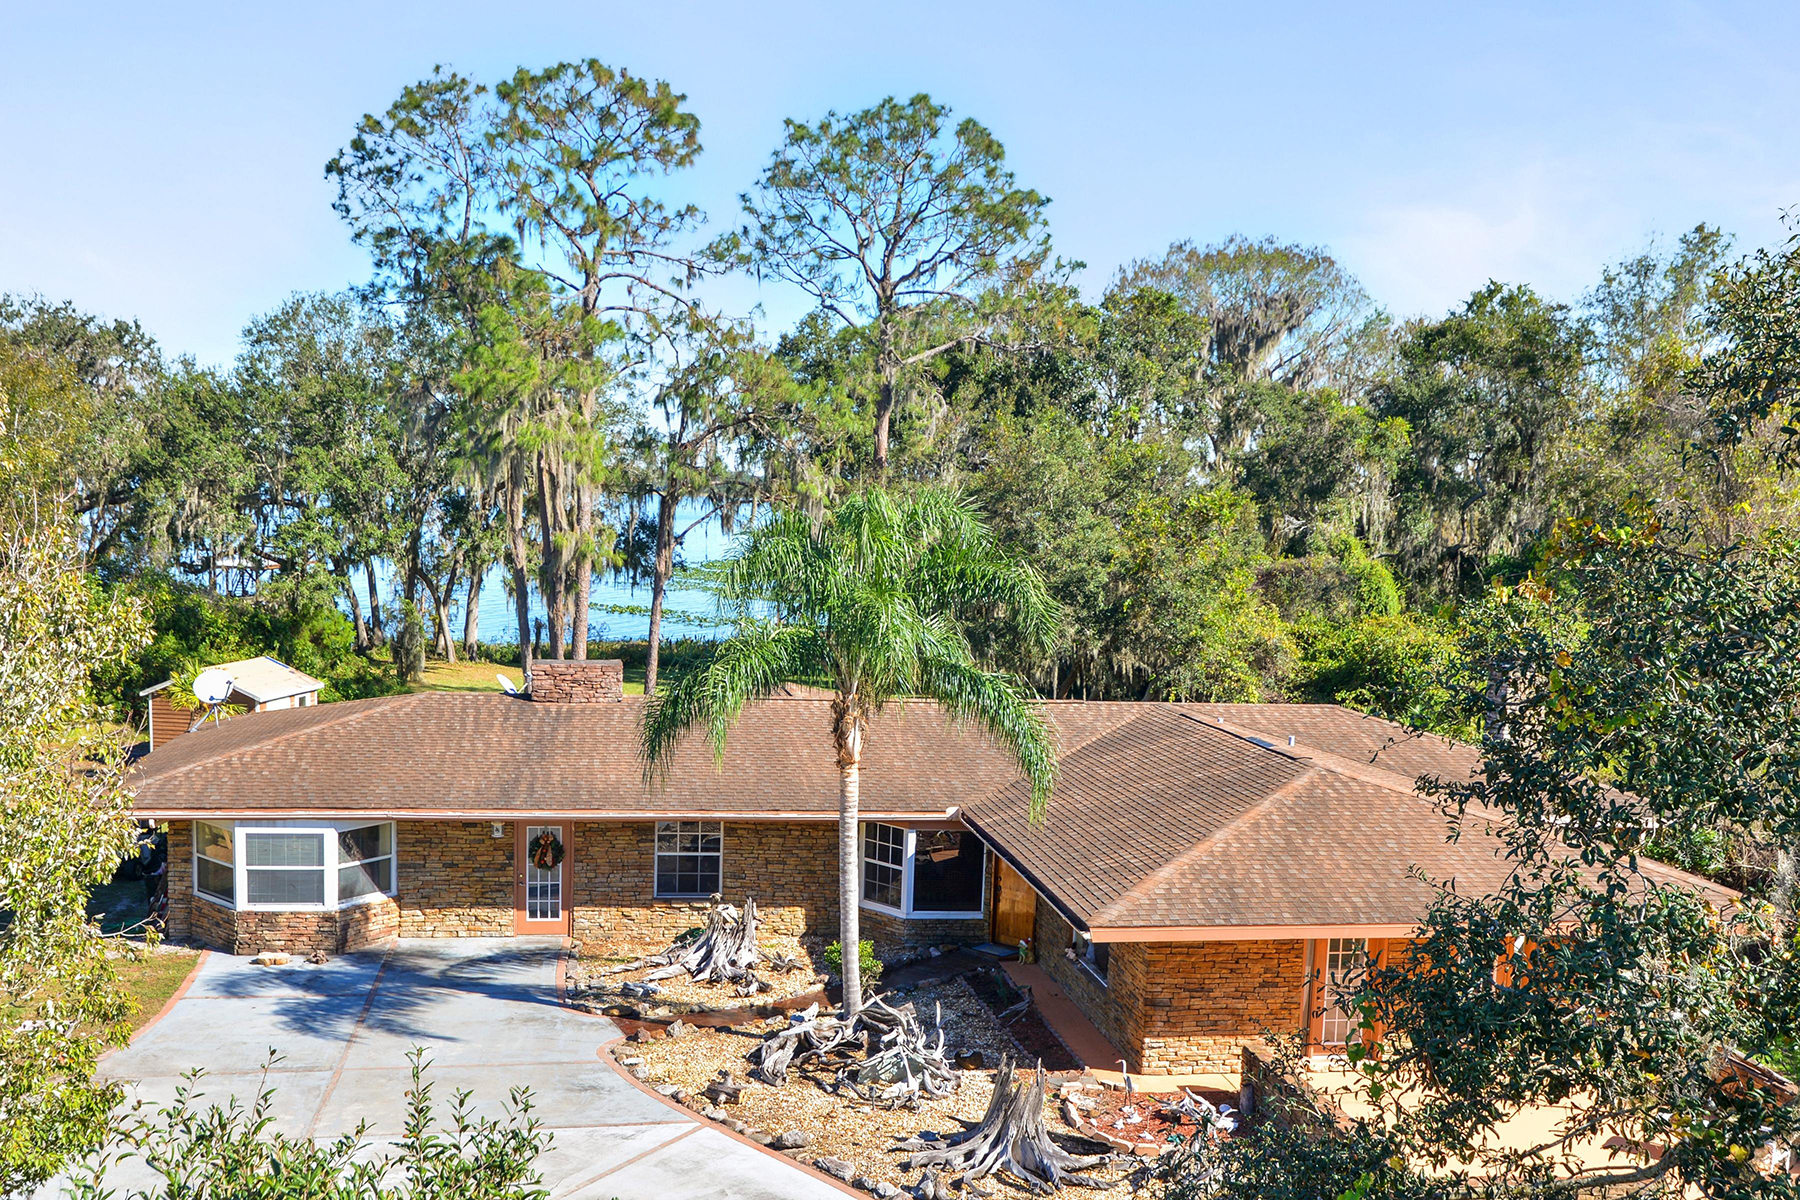 Casa Unifamiliar por un Venta en HAINES CITY-ORLANDO 10611 Jim Edwards Rd Haines City, Florida 33844 Estados Unidos